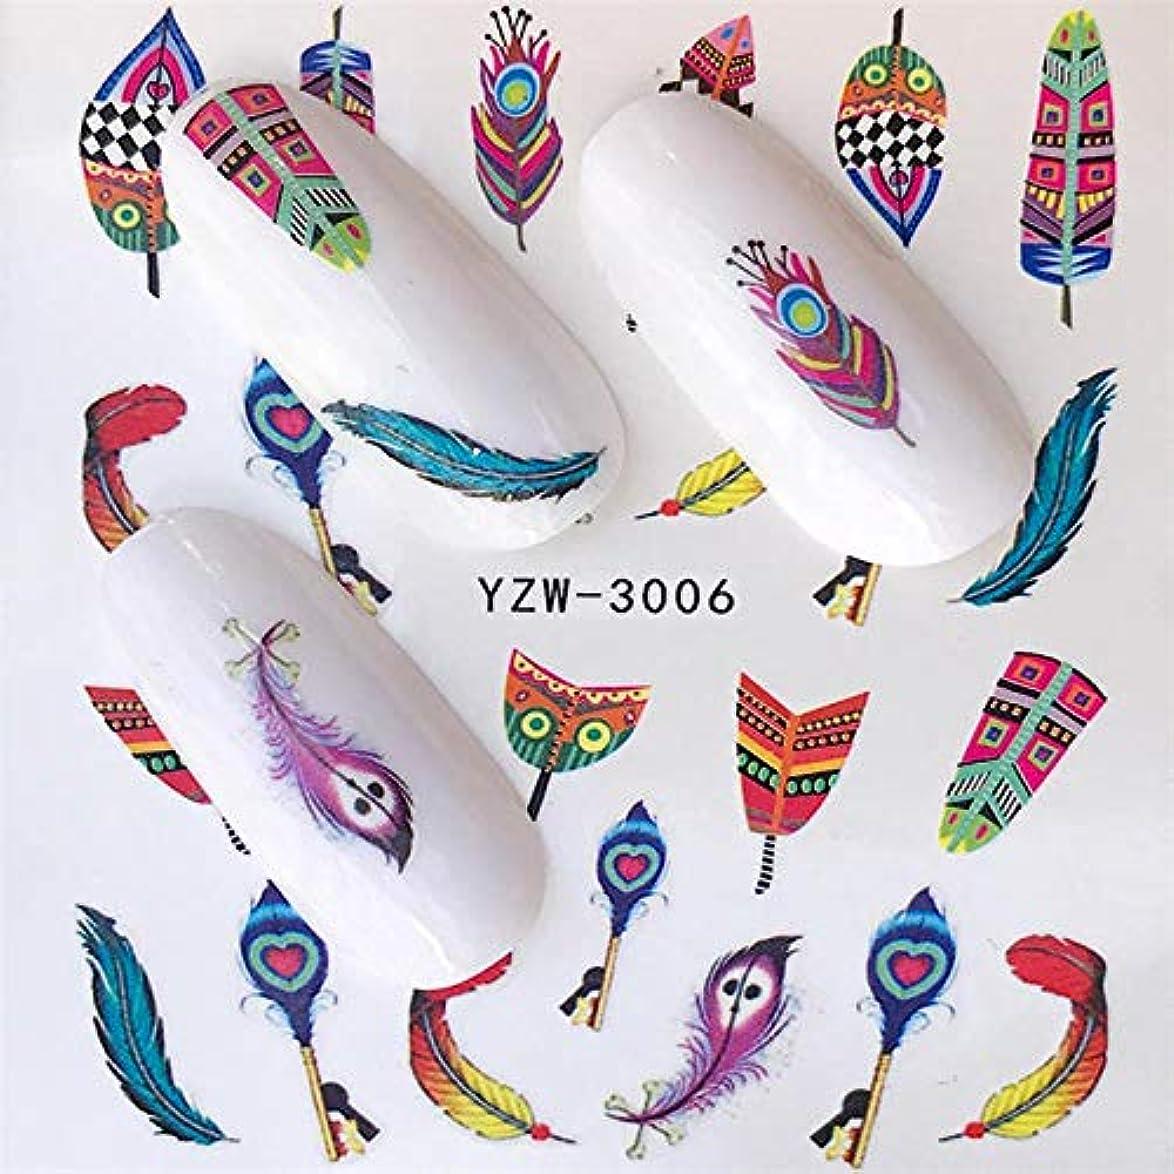 航空便教育学はずSUKTI&XIAO ネイルステッカー 1ピースファッションローズフラワーネイルアート水転写ステッカーデカールヒント装飾diy用ネイルアクセサリー、Yzw-3006